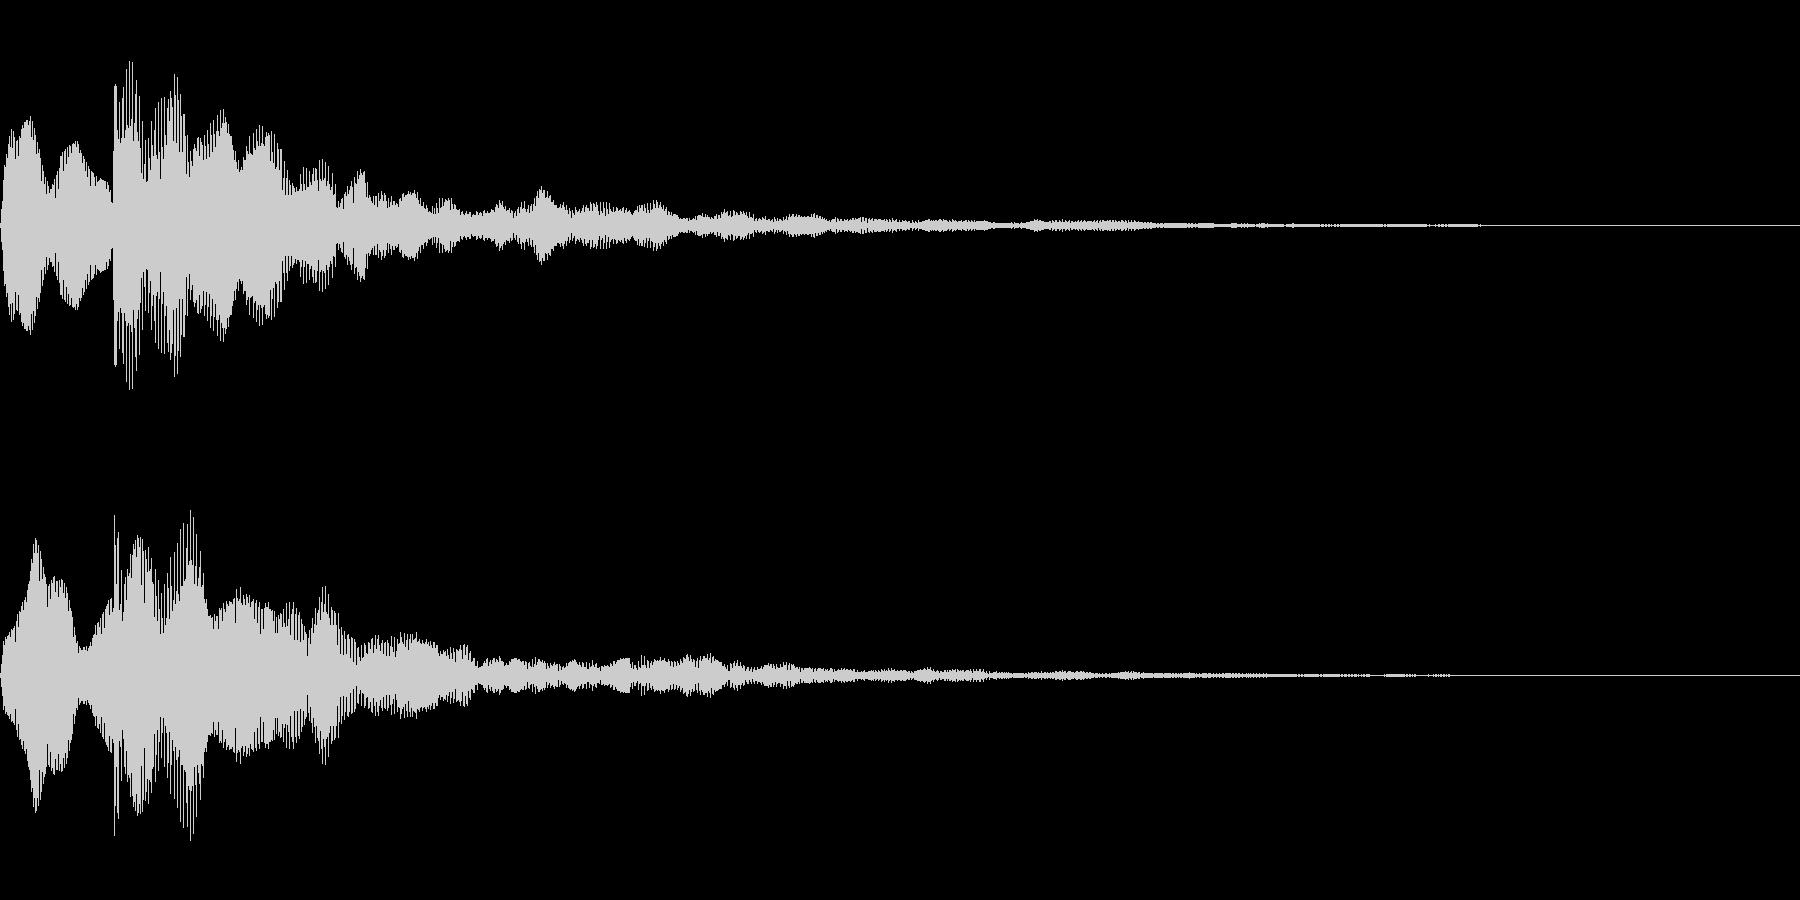 テロップ音~暗めの分散2音~の未再生の波形